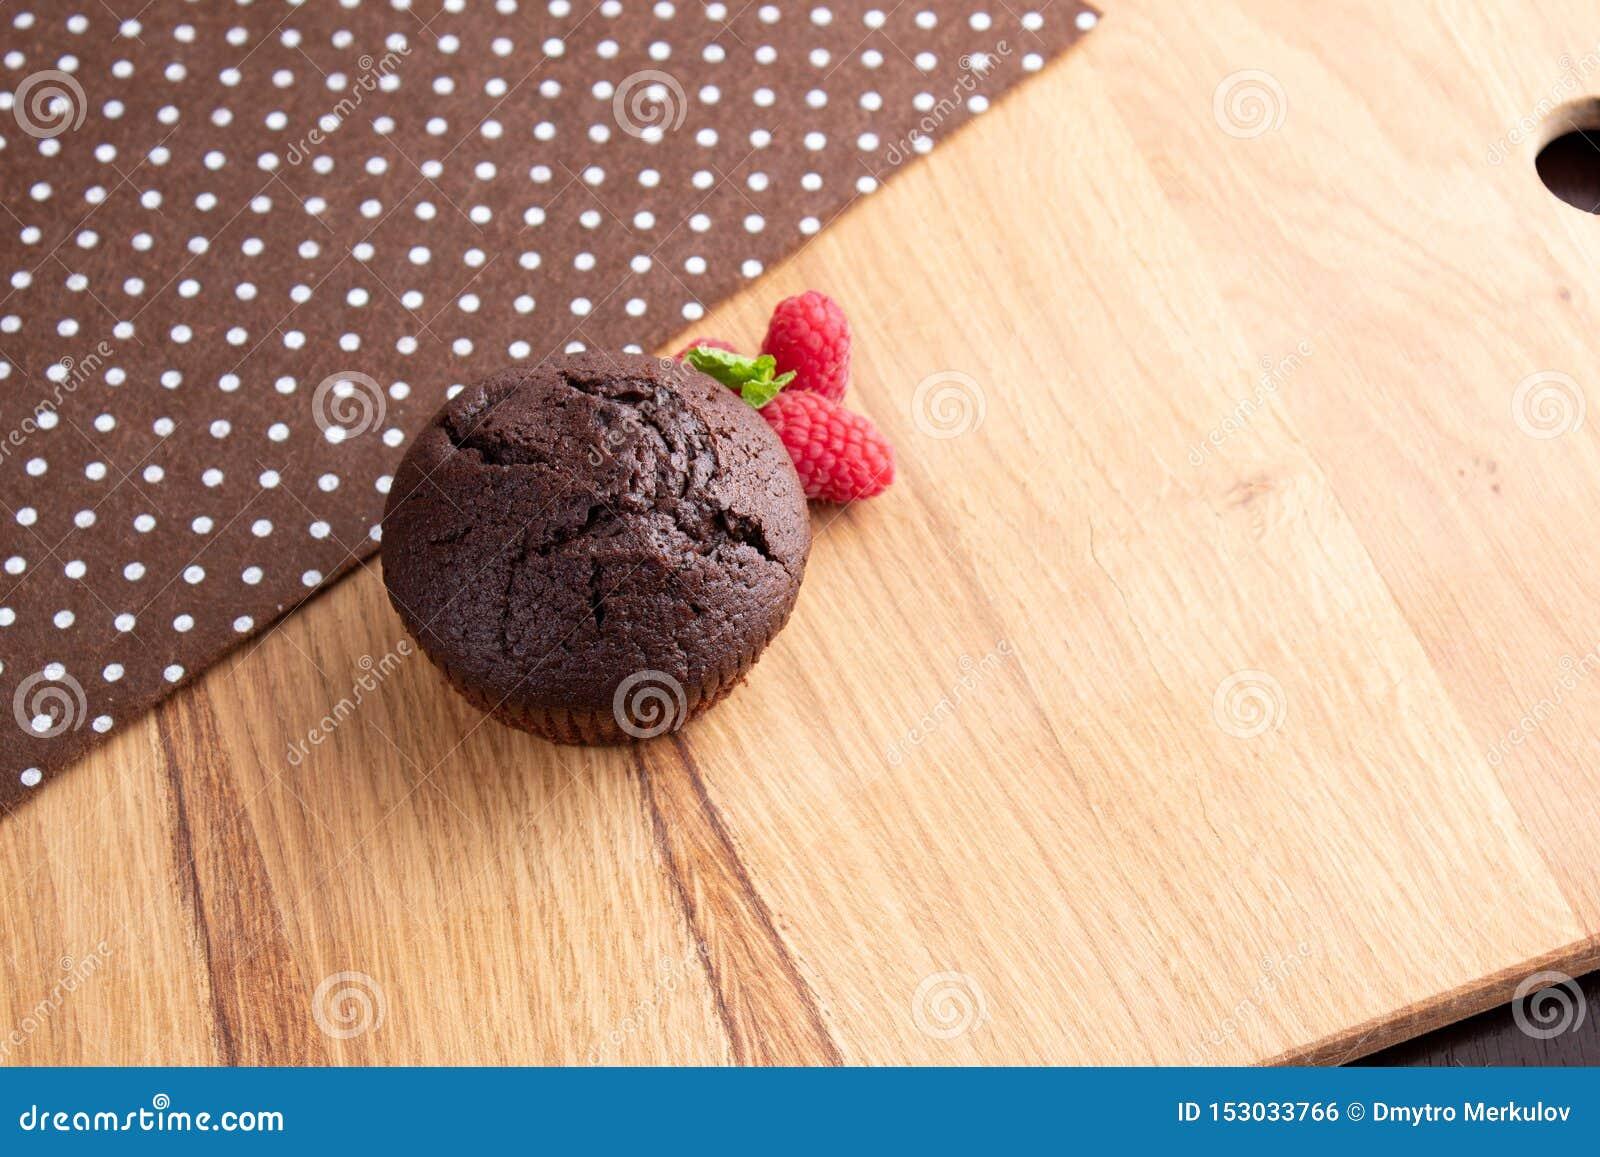 Chokladmuffin med hallonbär på en ljus trätabell